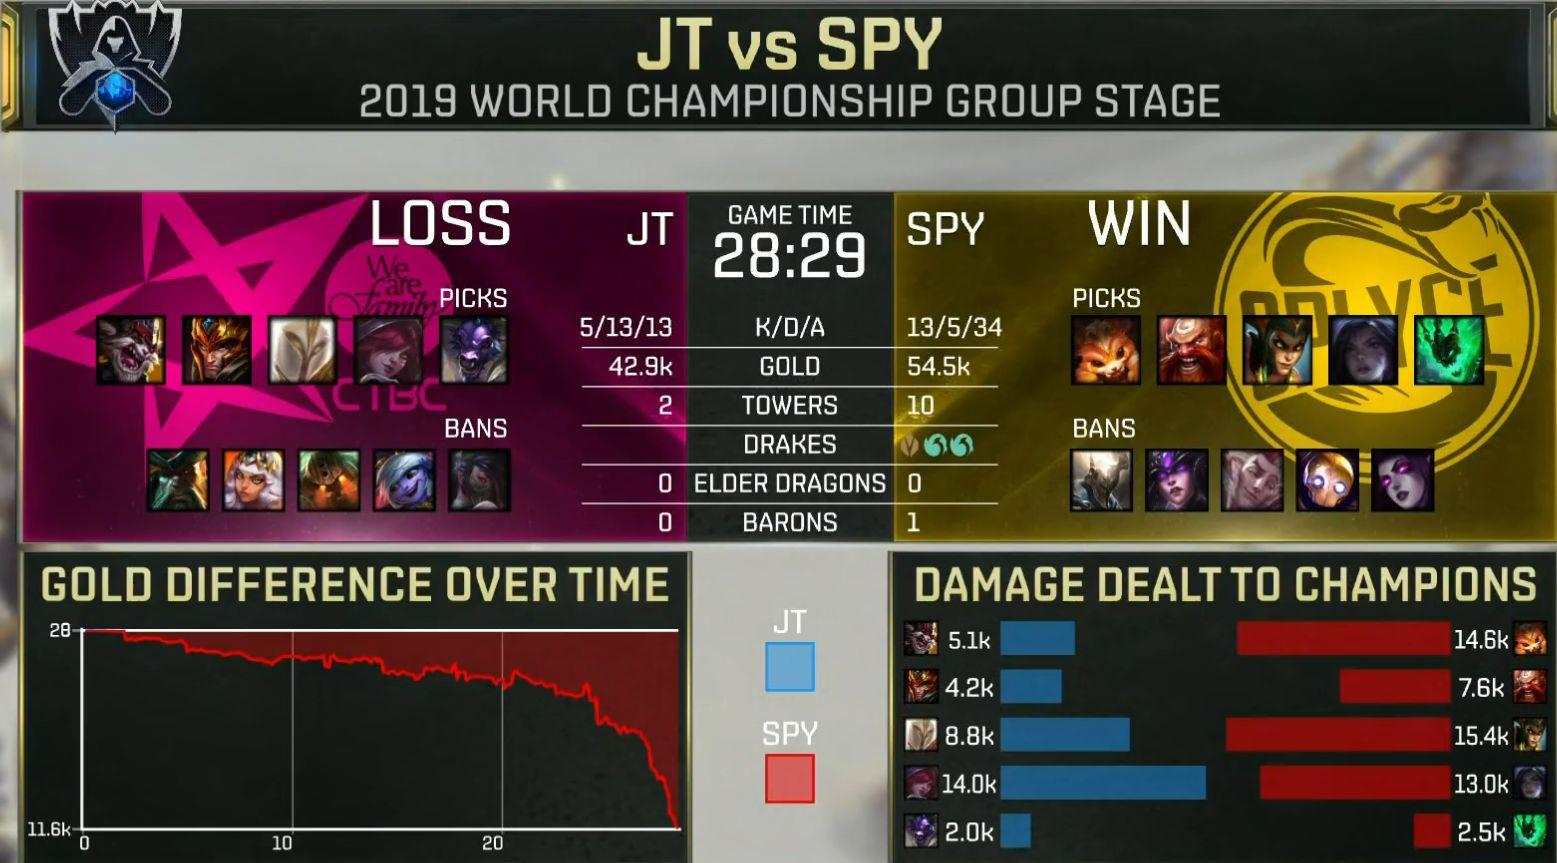 【战报】双C无解carry,SPY轻松击败JT拿到一分